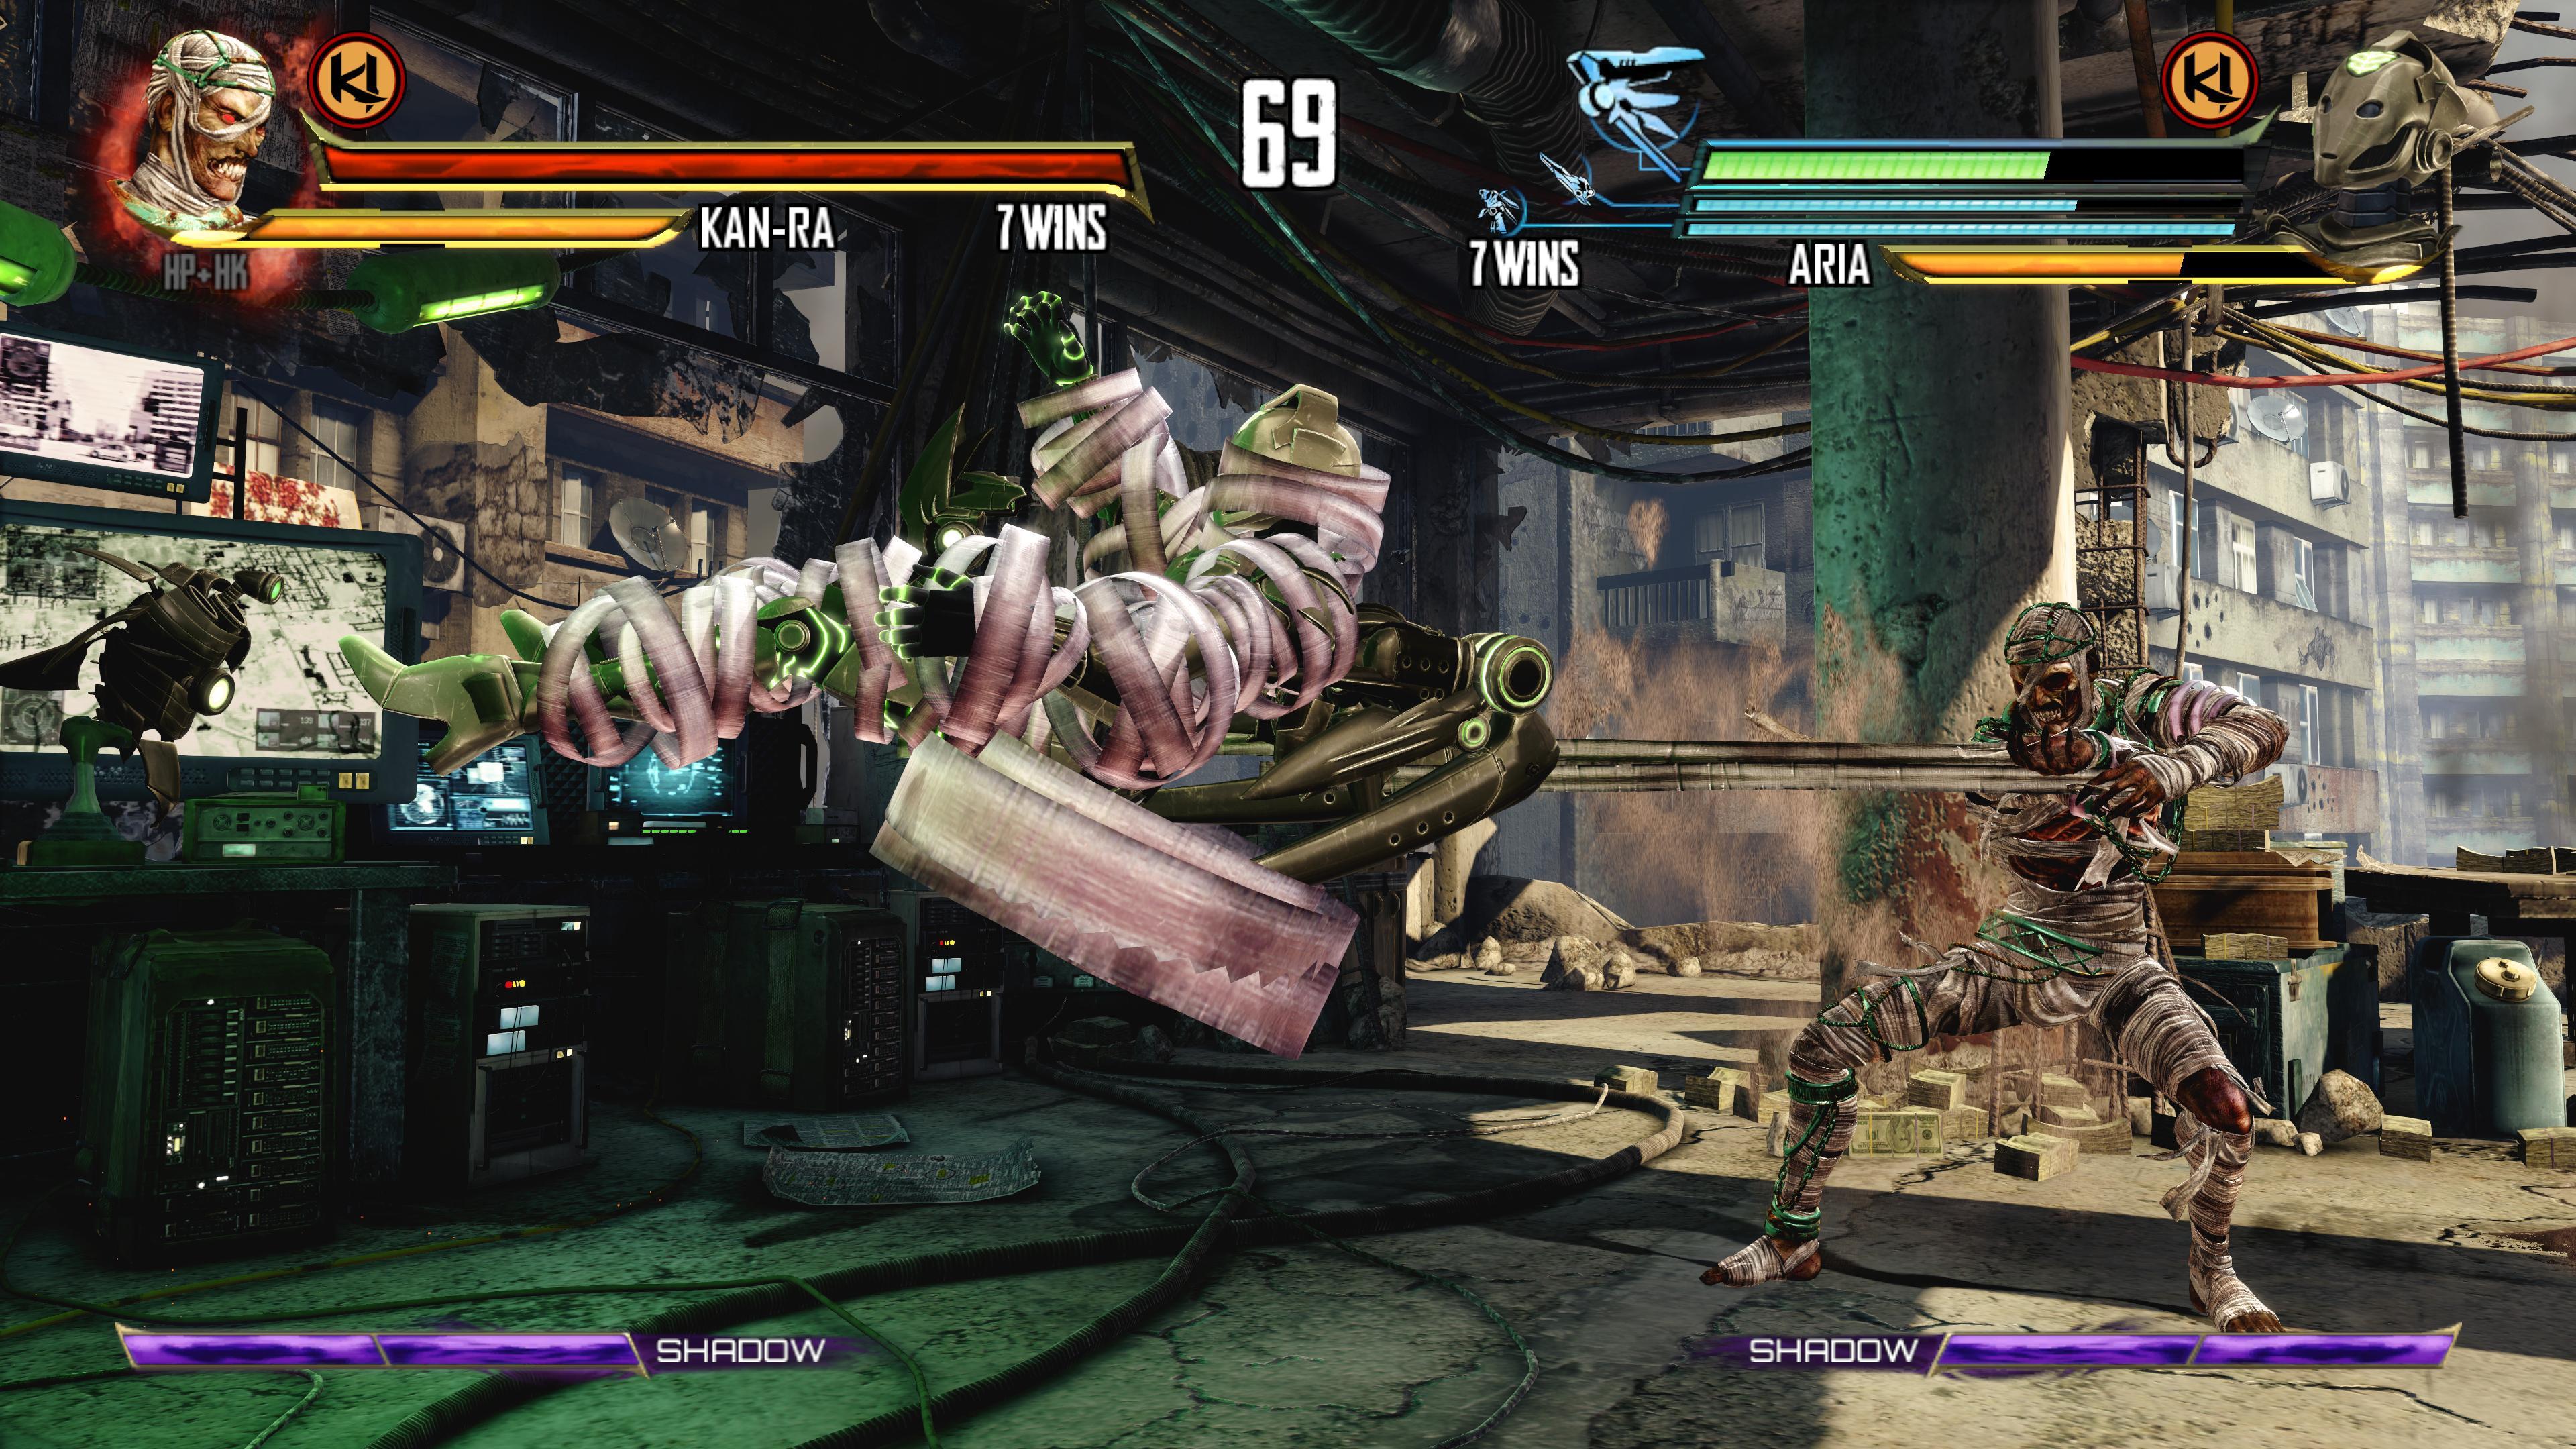 Максимальные настройки графики - Killer Instinct 4K